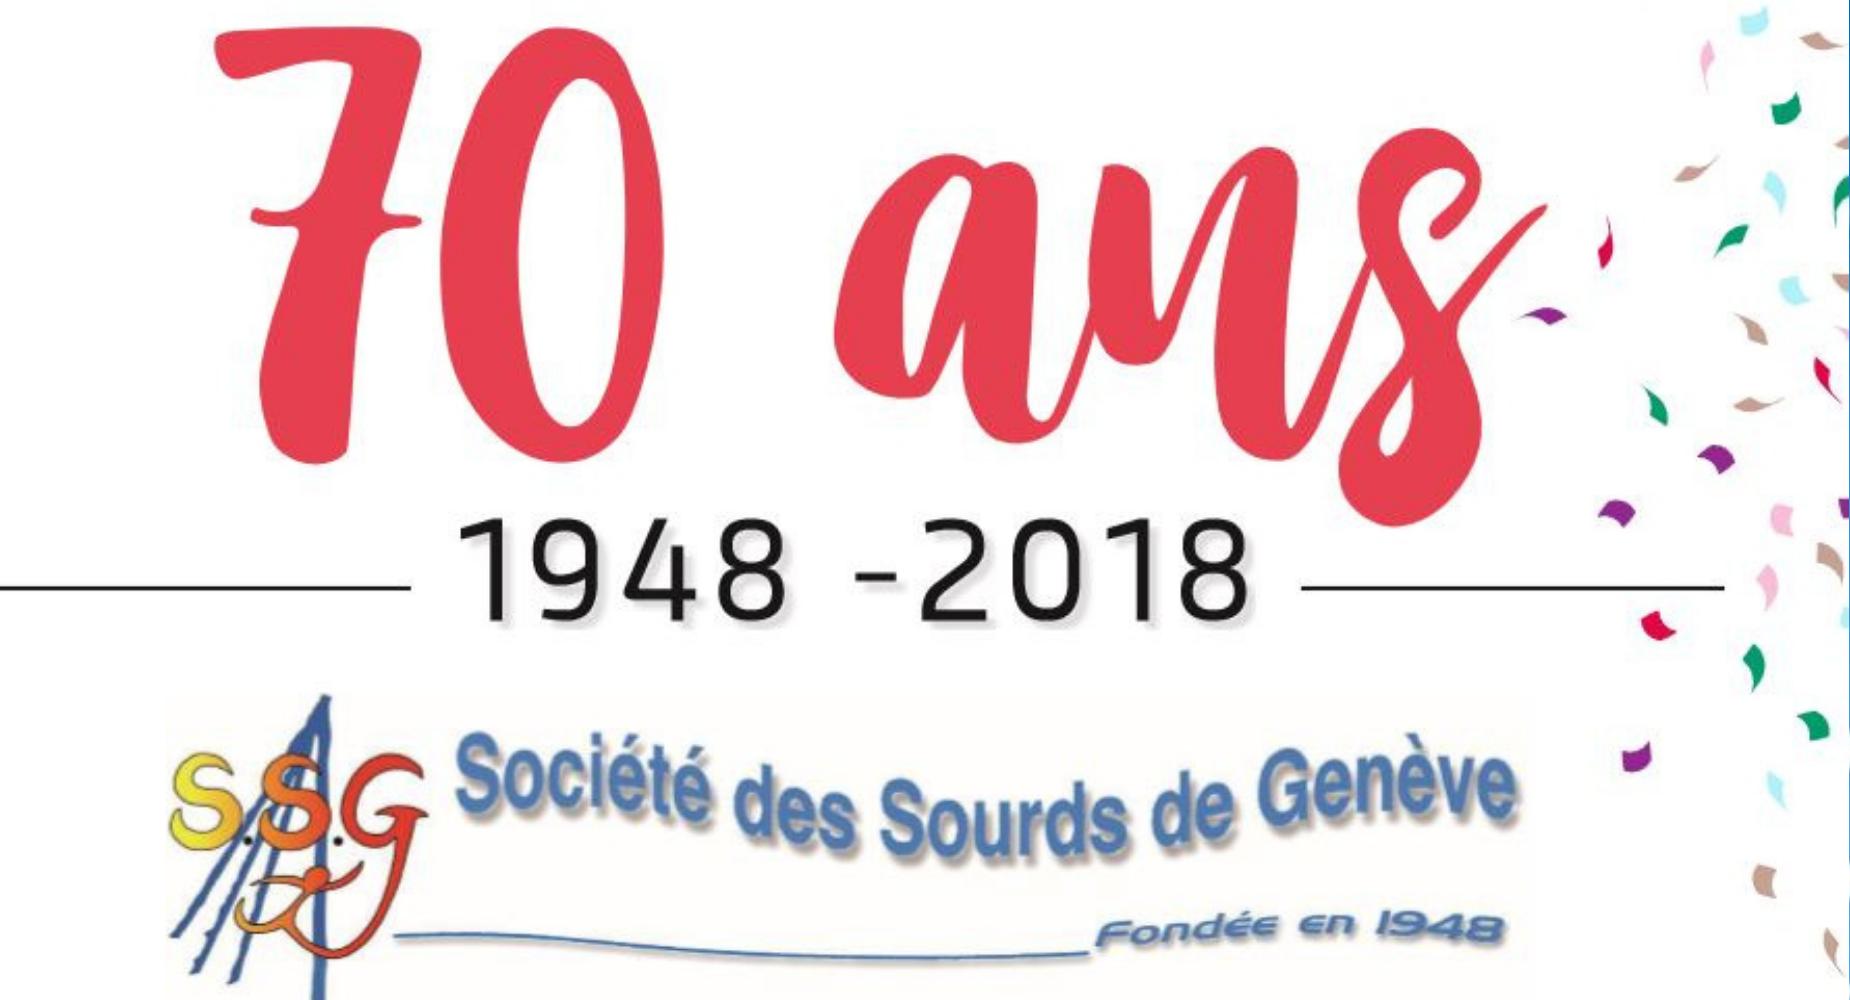 Soirée des 70 ans de la Société des sourds de Genève